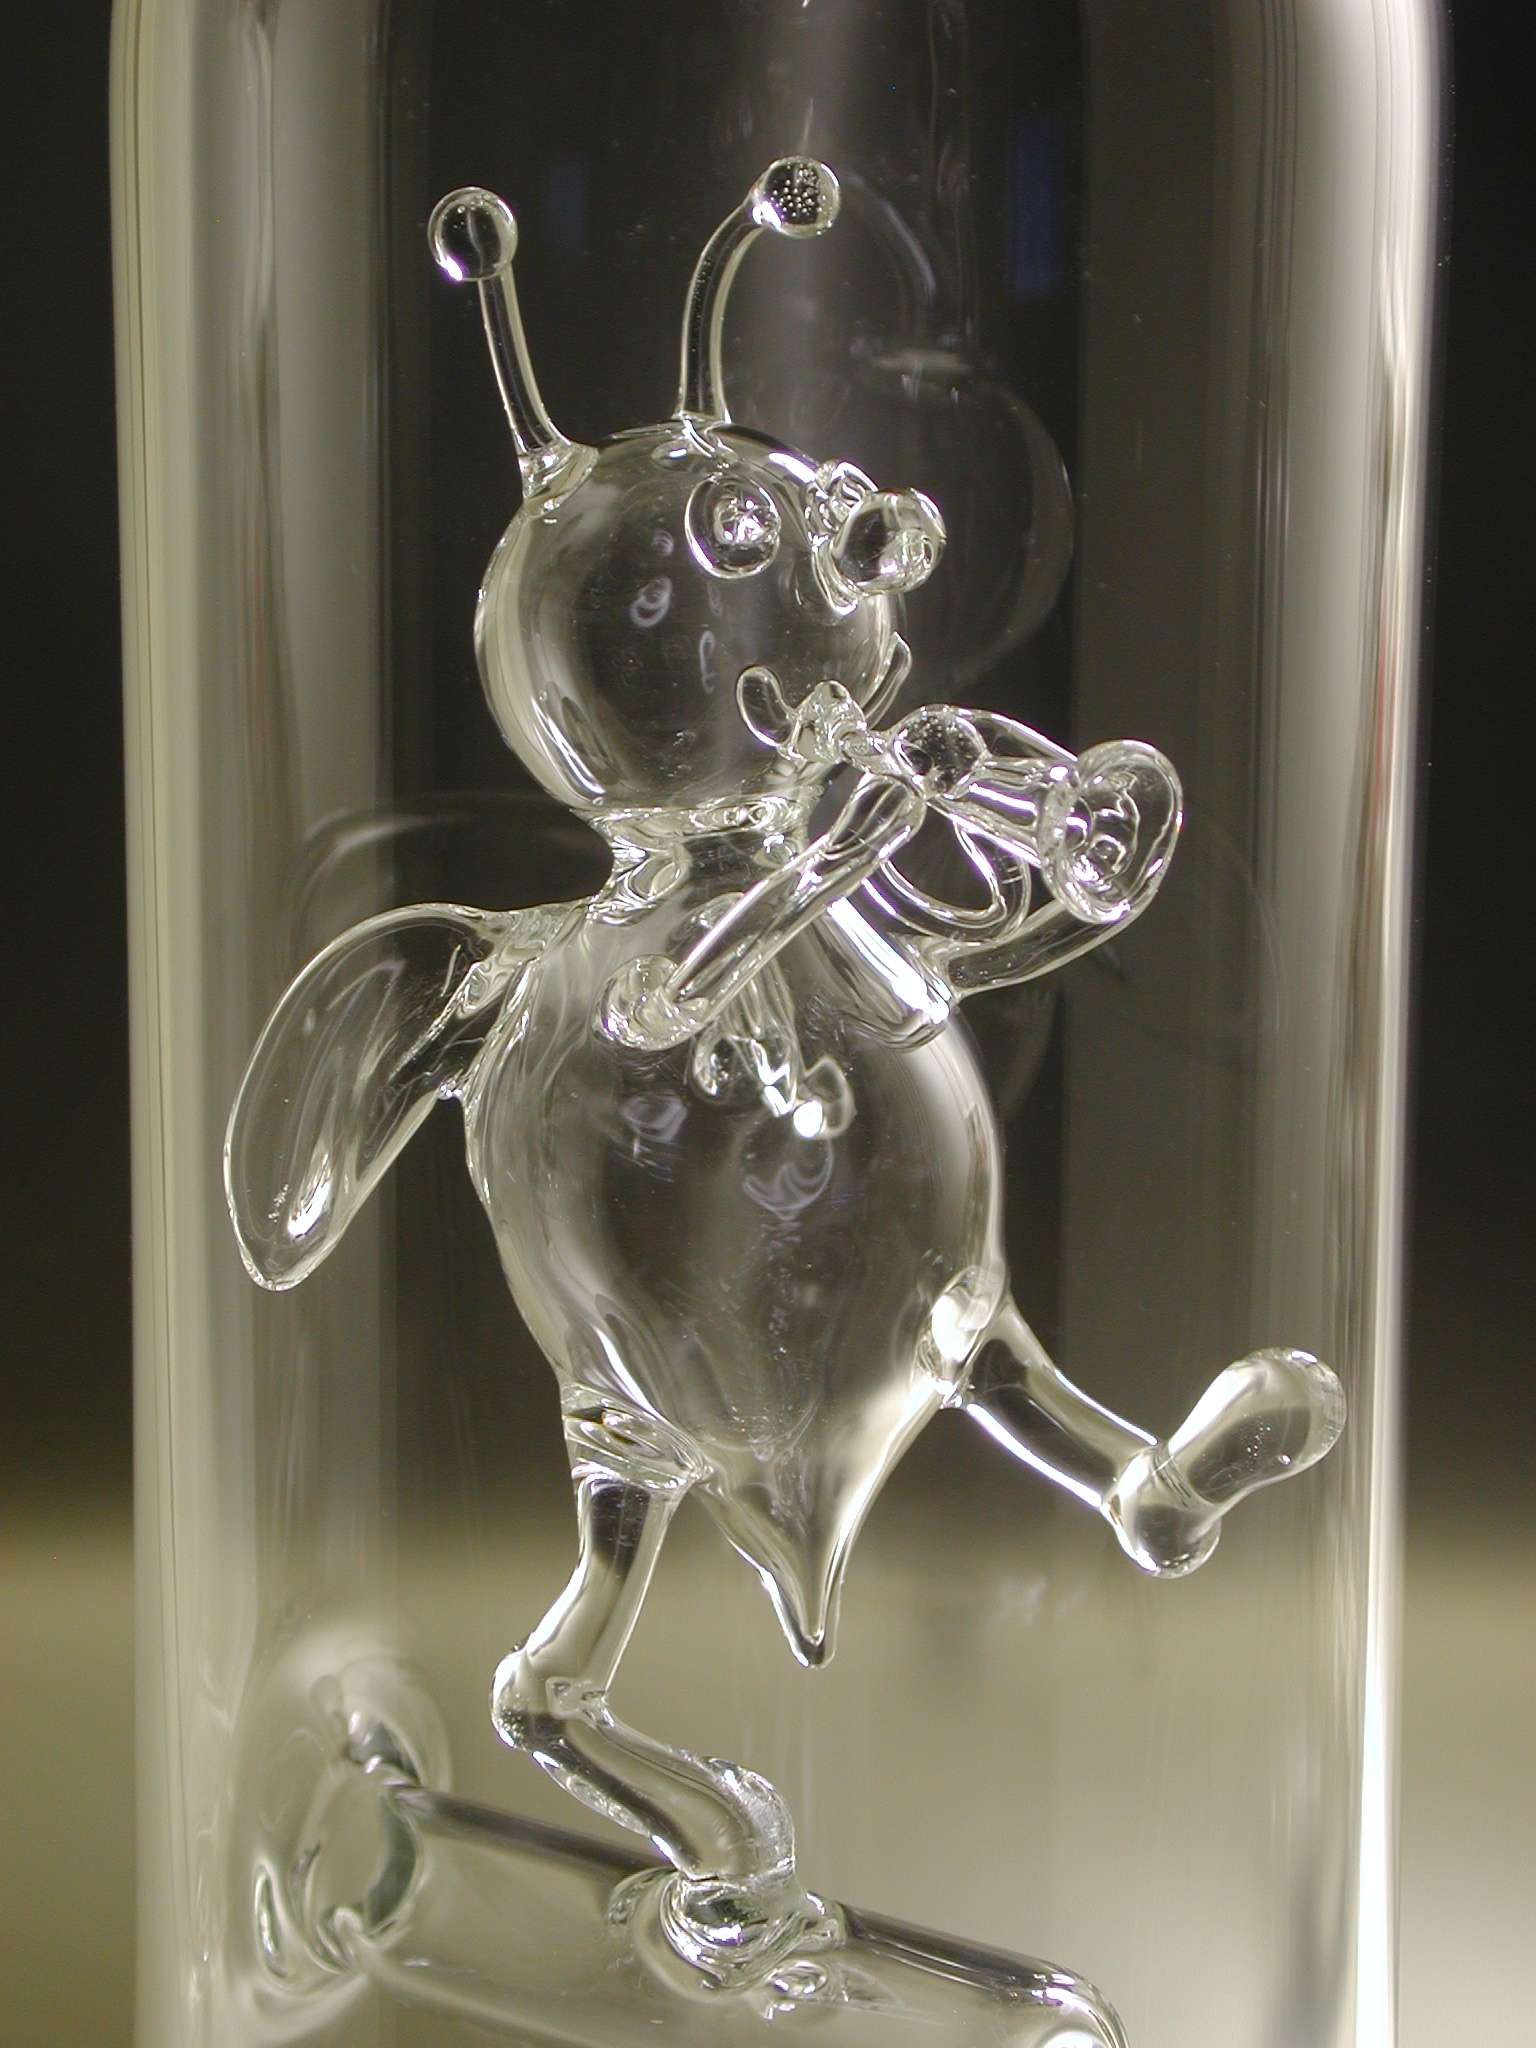 Souffleur De Verre Chambery souffleur de verre - soufflage de verre - glasbläserei